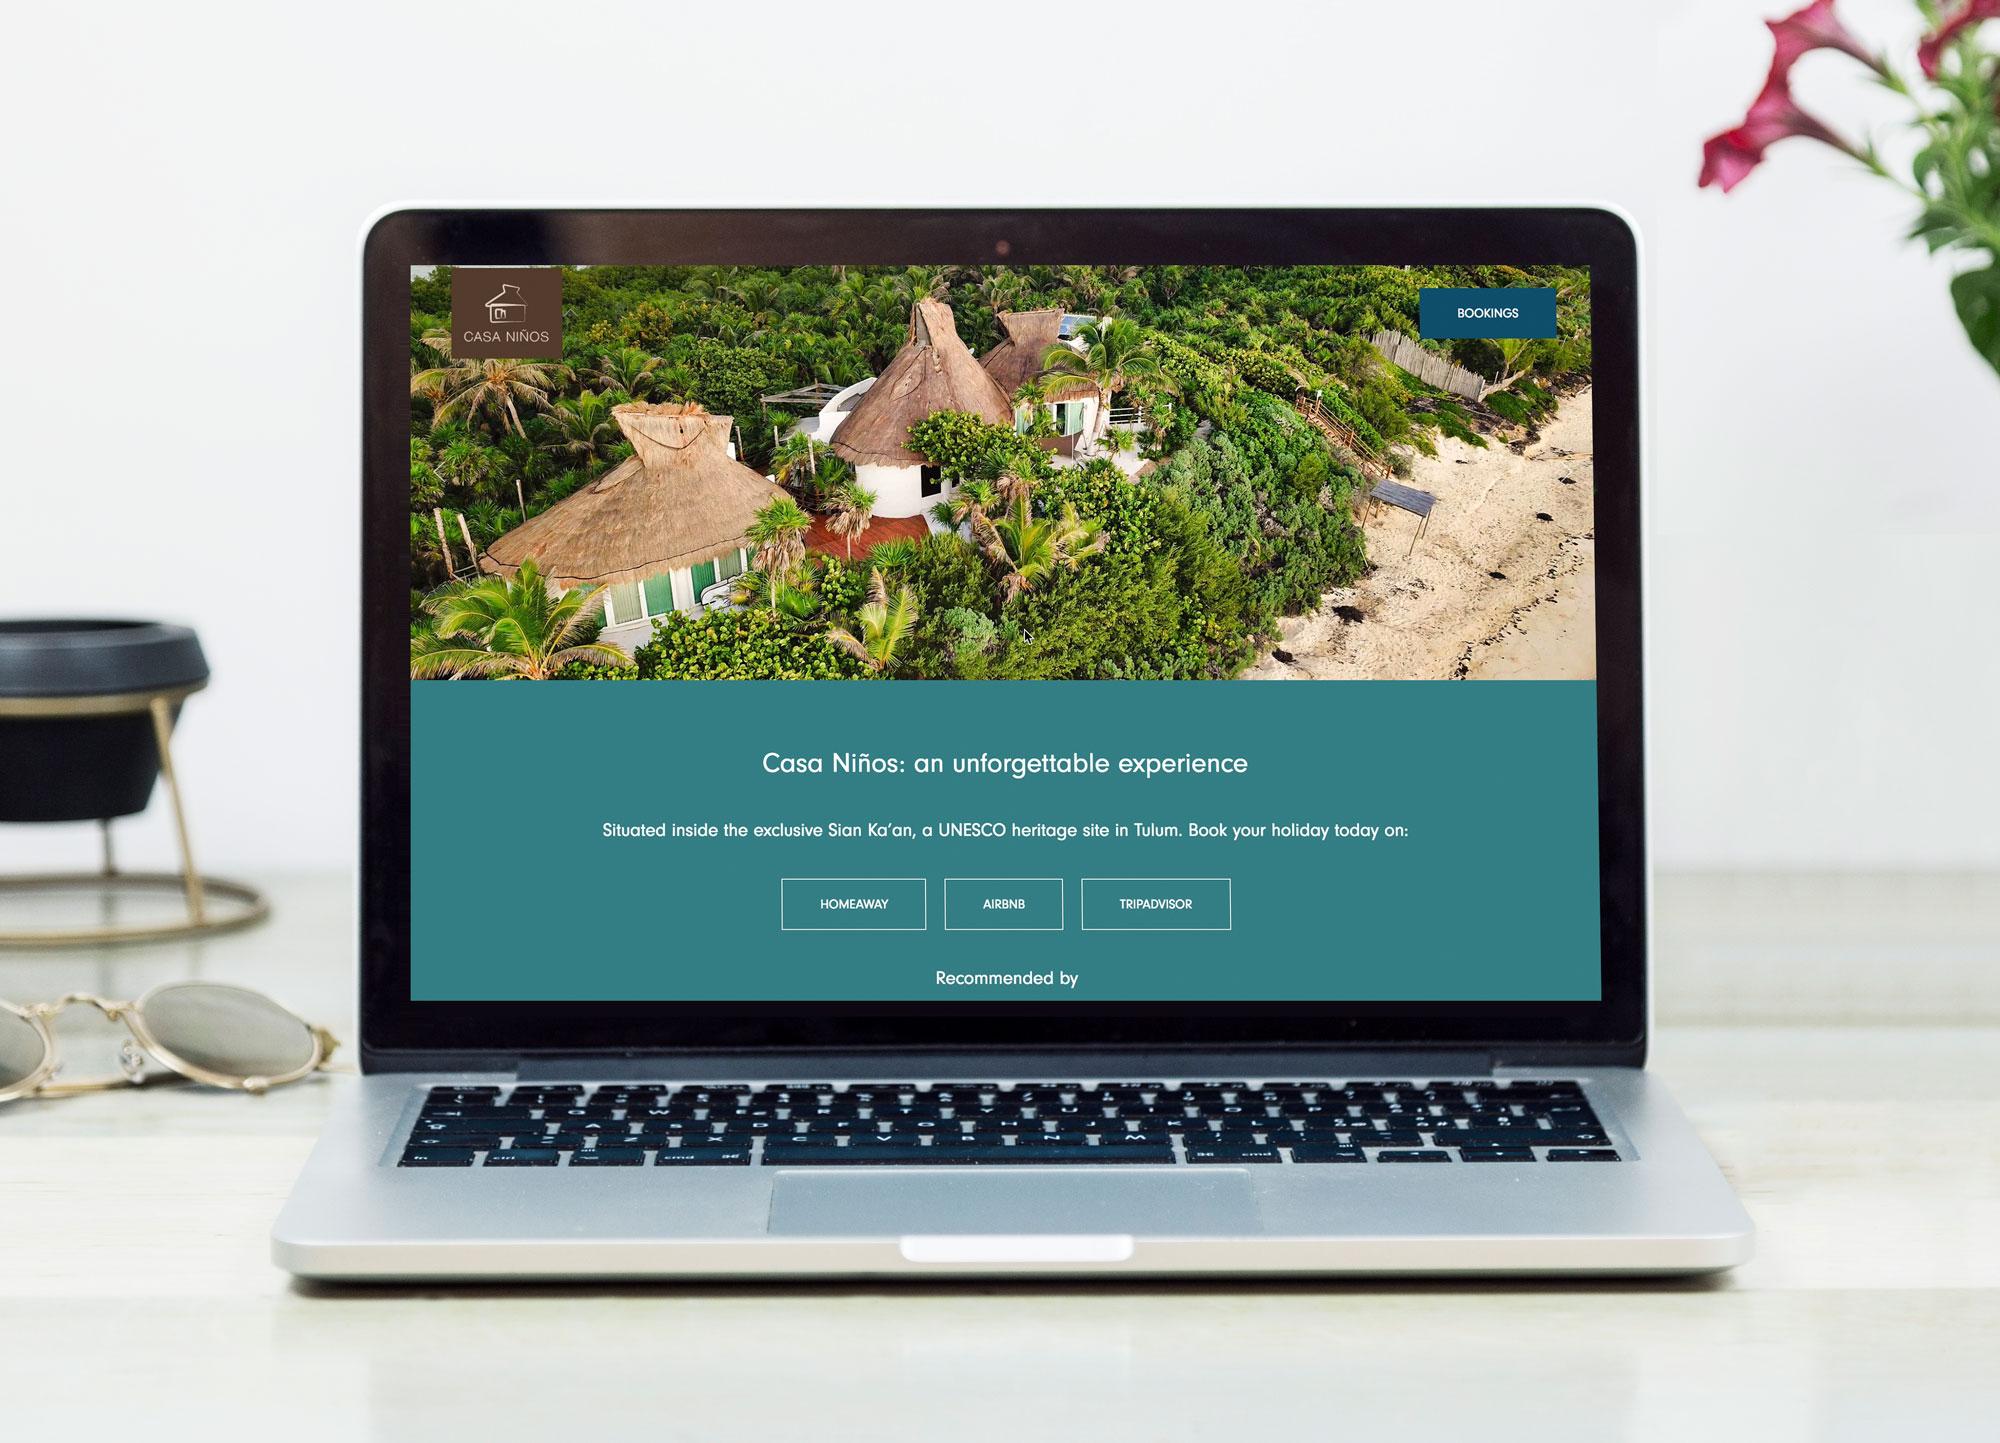 casaninos-website-desktop-02